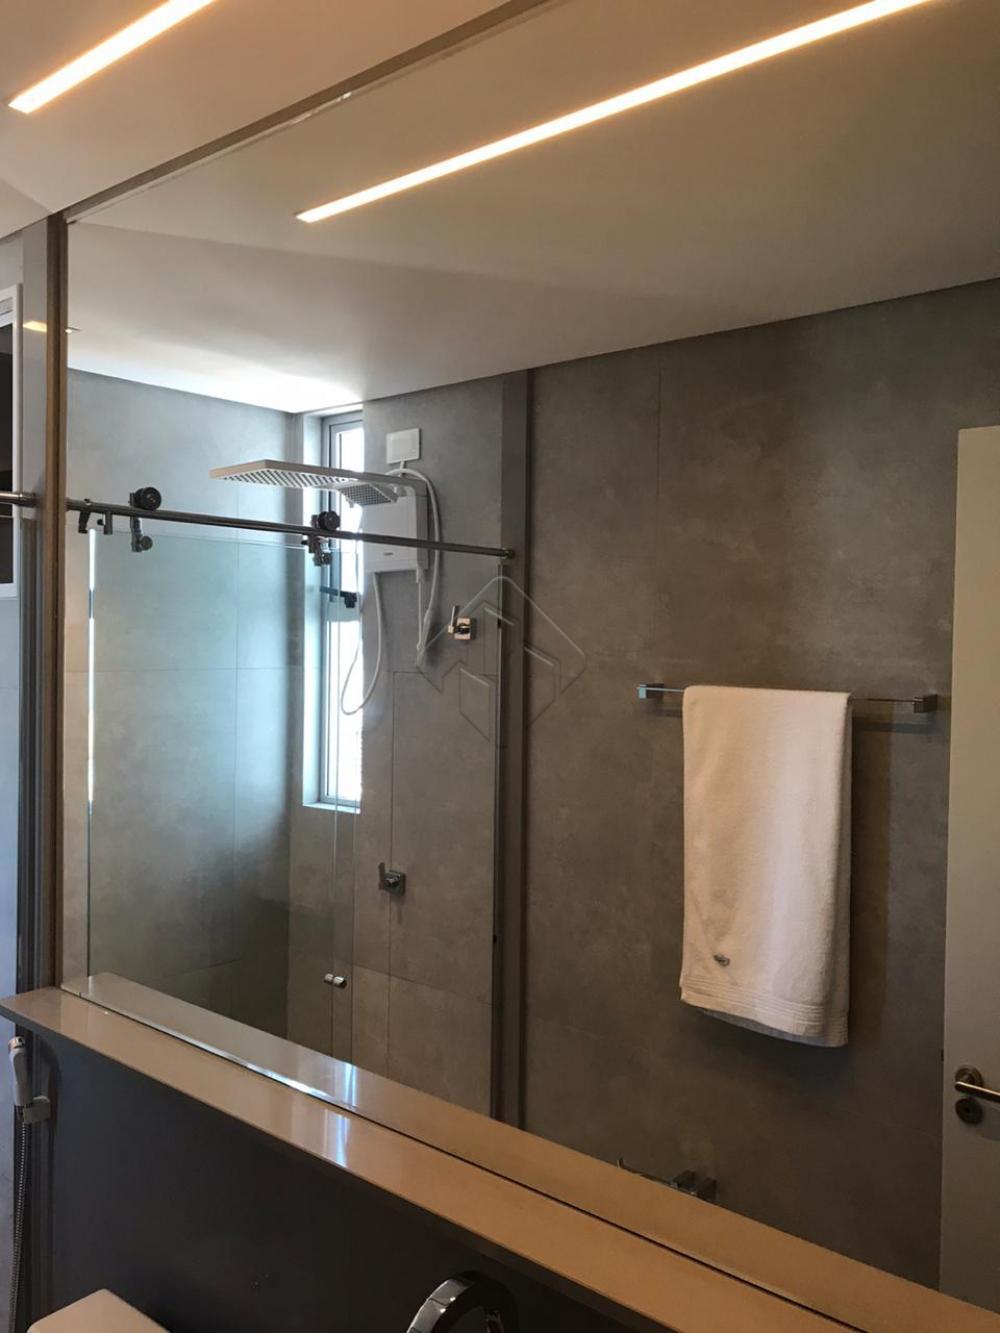 Comprar Apartamento / Padrão em João Pessoa apenas R$ 880.000,00 - Foto 32